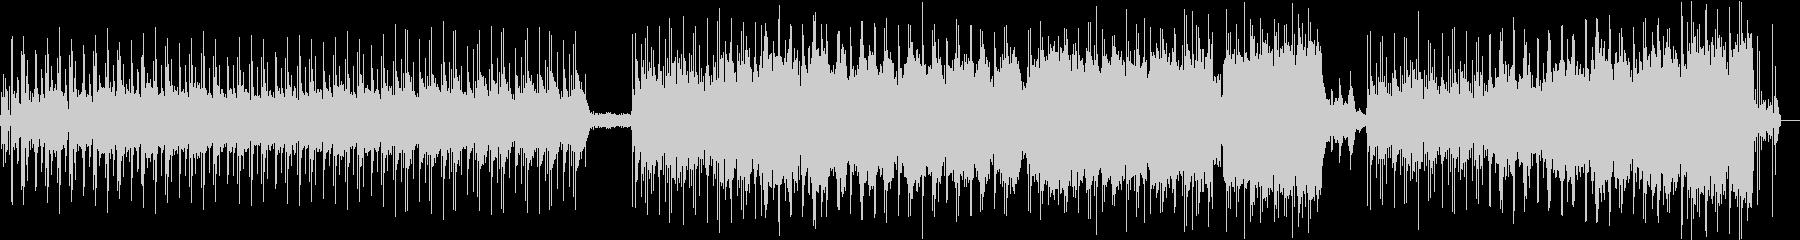 ミドルテンポNewAge-Ambientの未再生の波形